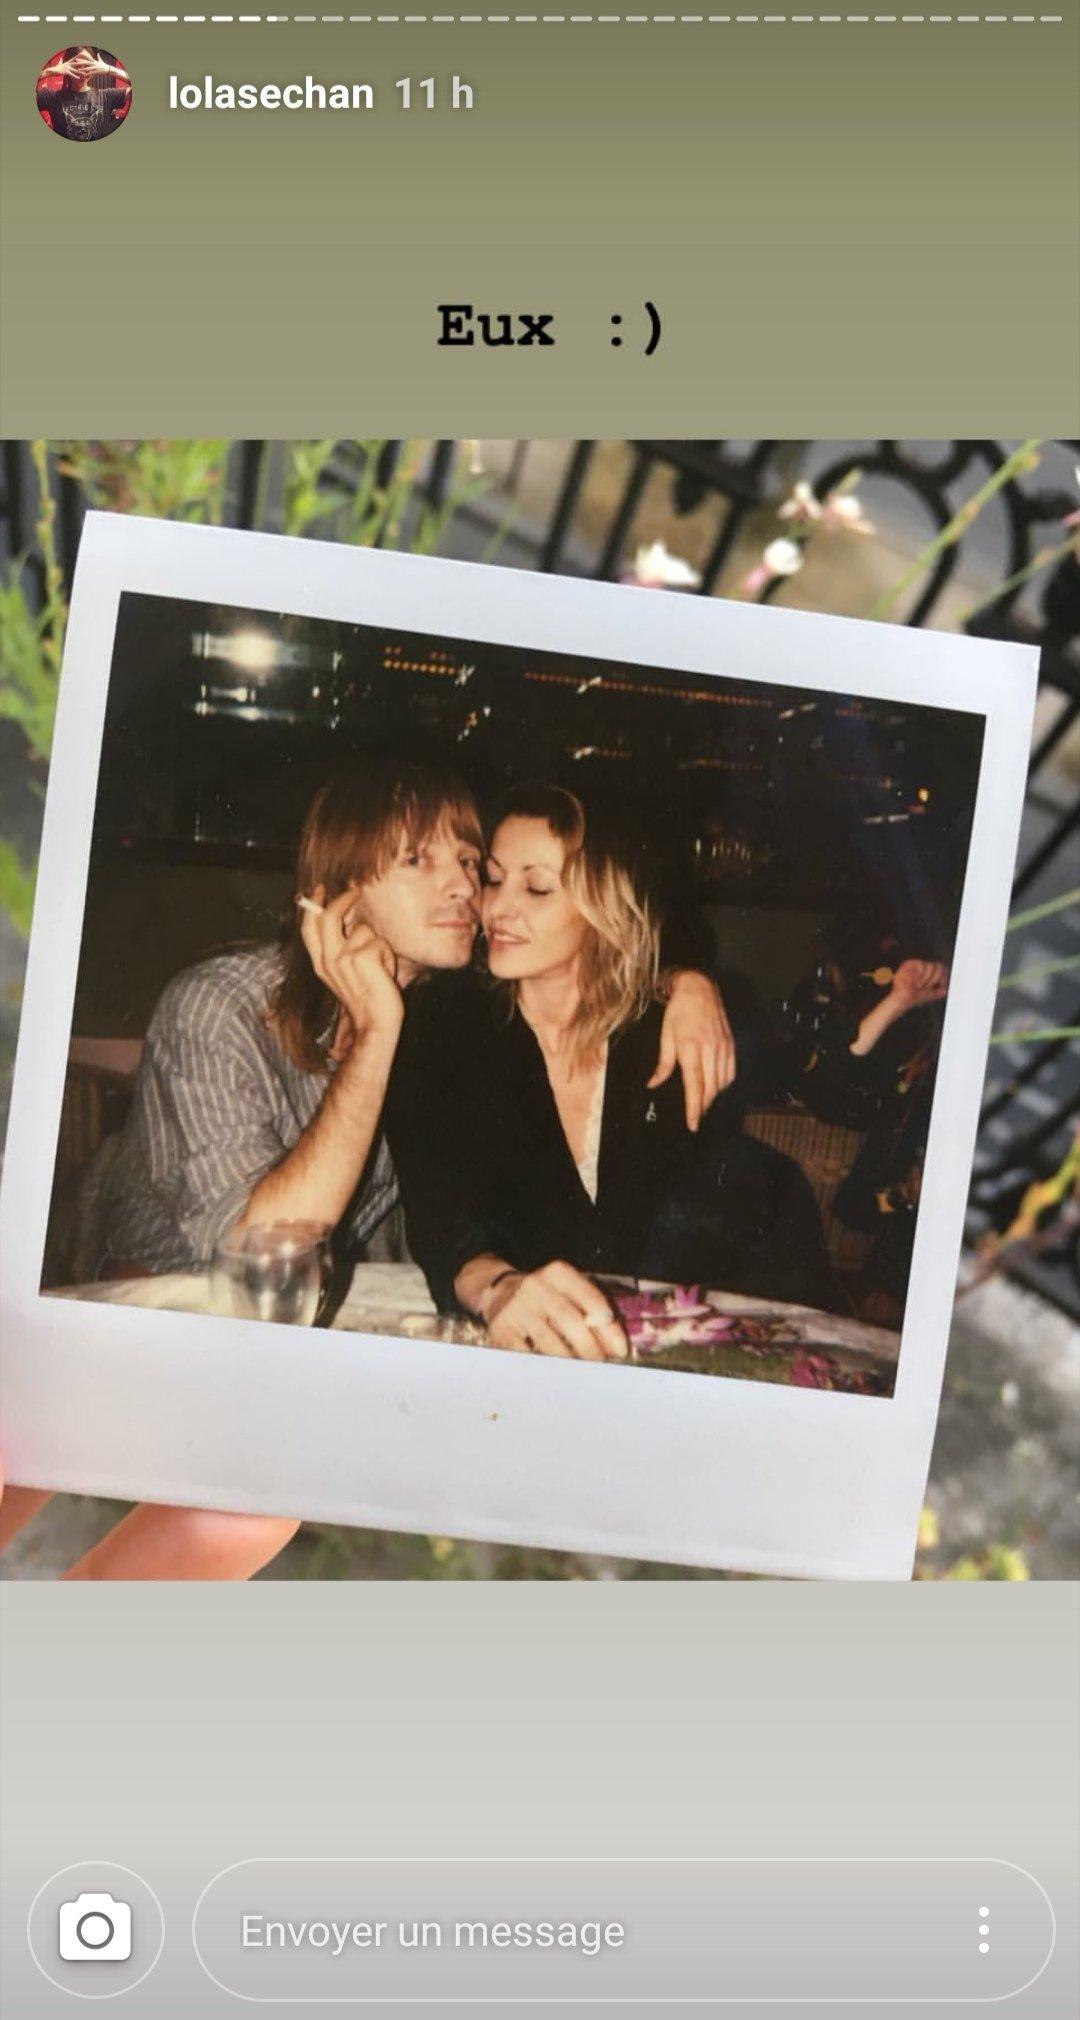 Renaud et Dominique Quilichini | Source : Instagram / Lolasechan